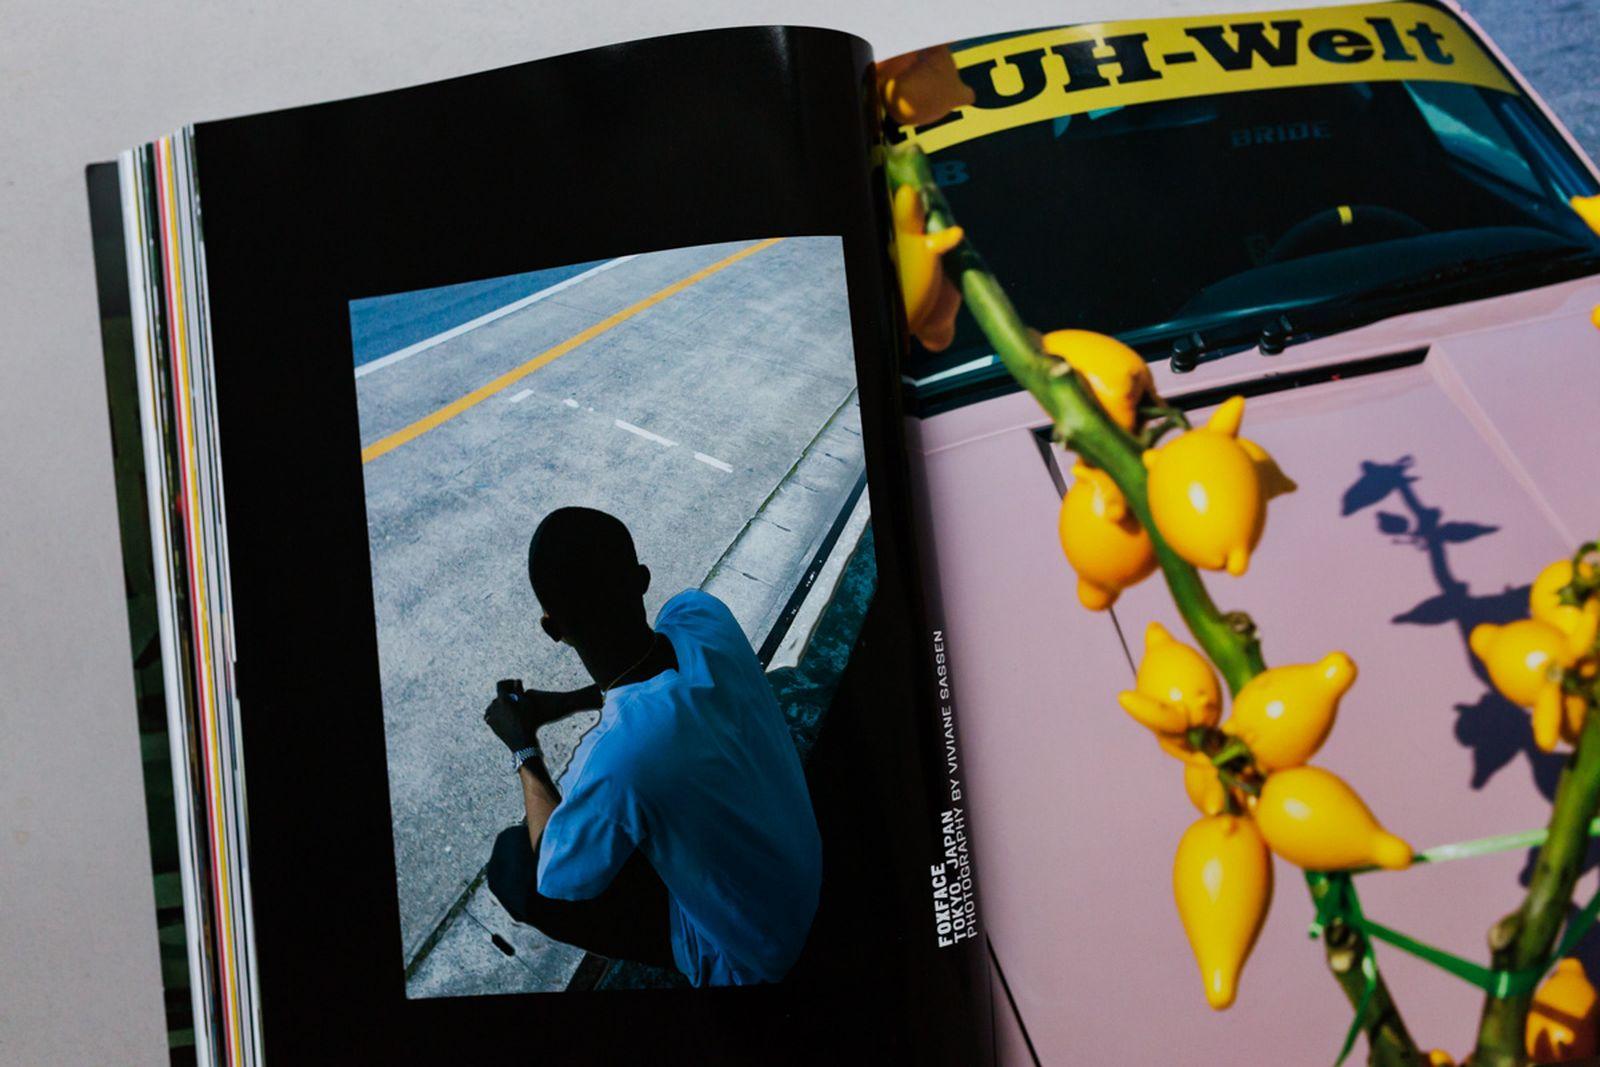 frank-ocean-boys-dont-cry-magazine-12